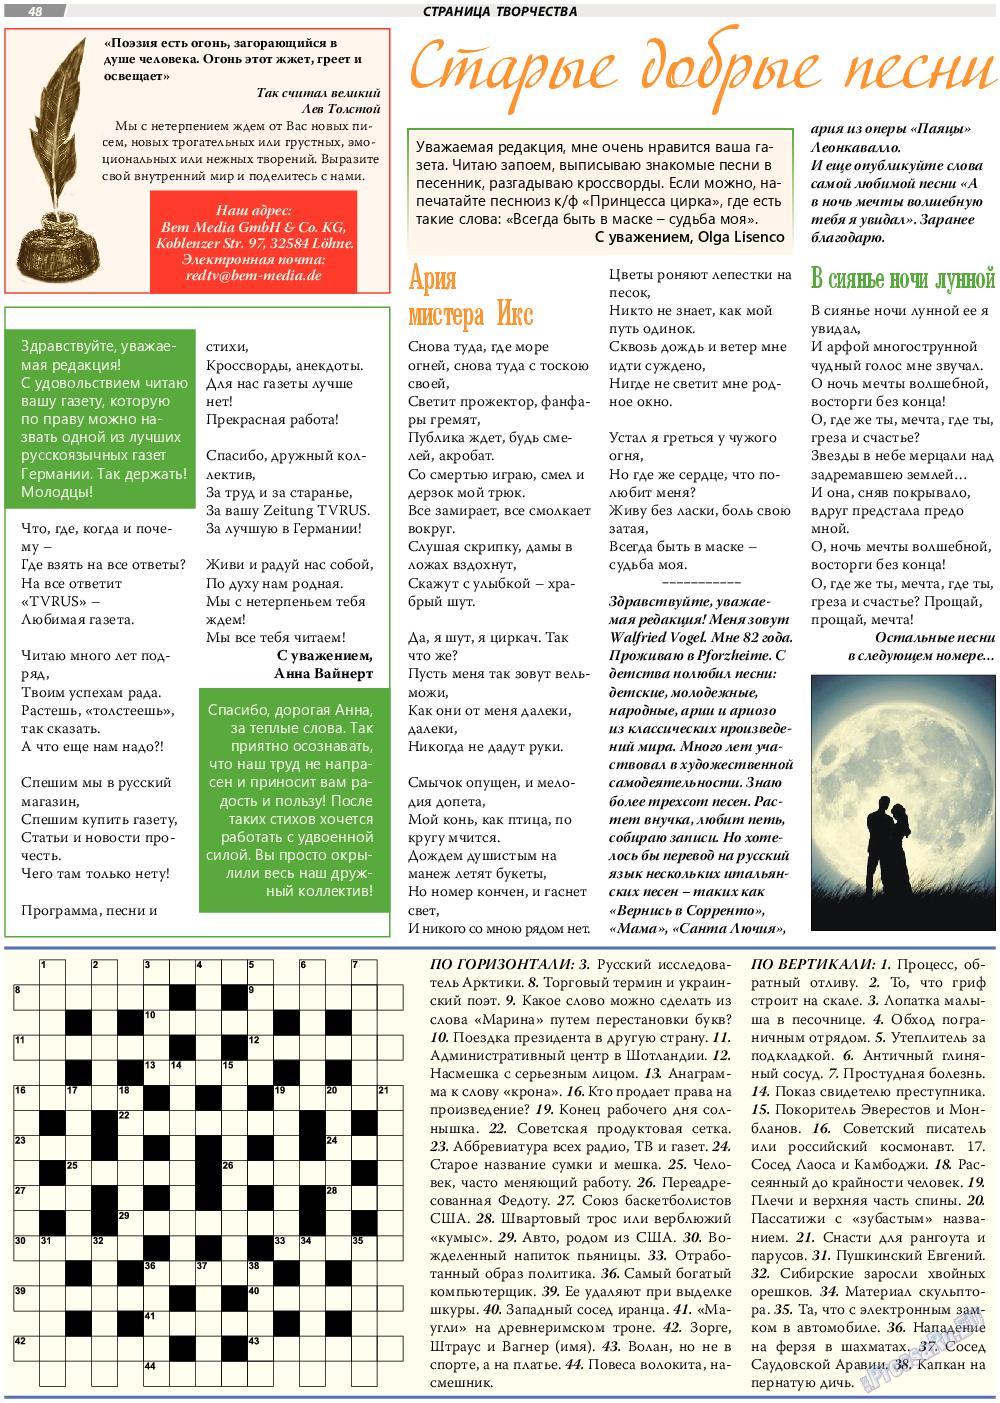 TVrus (газета). 2017 год, номер 14, стр. 48